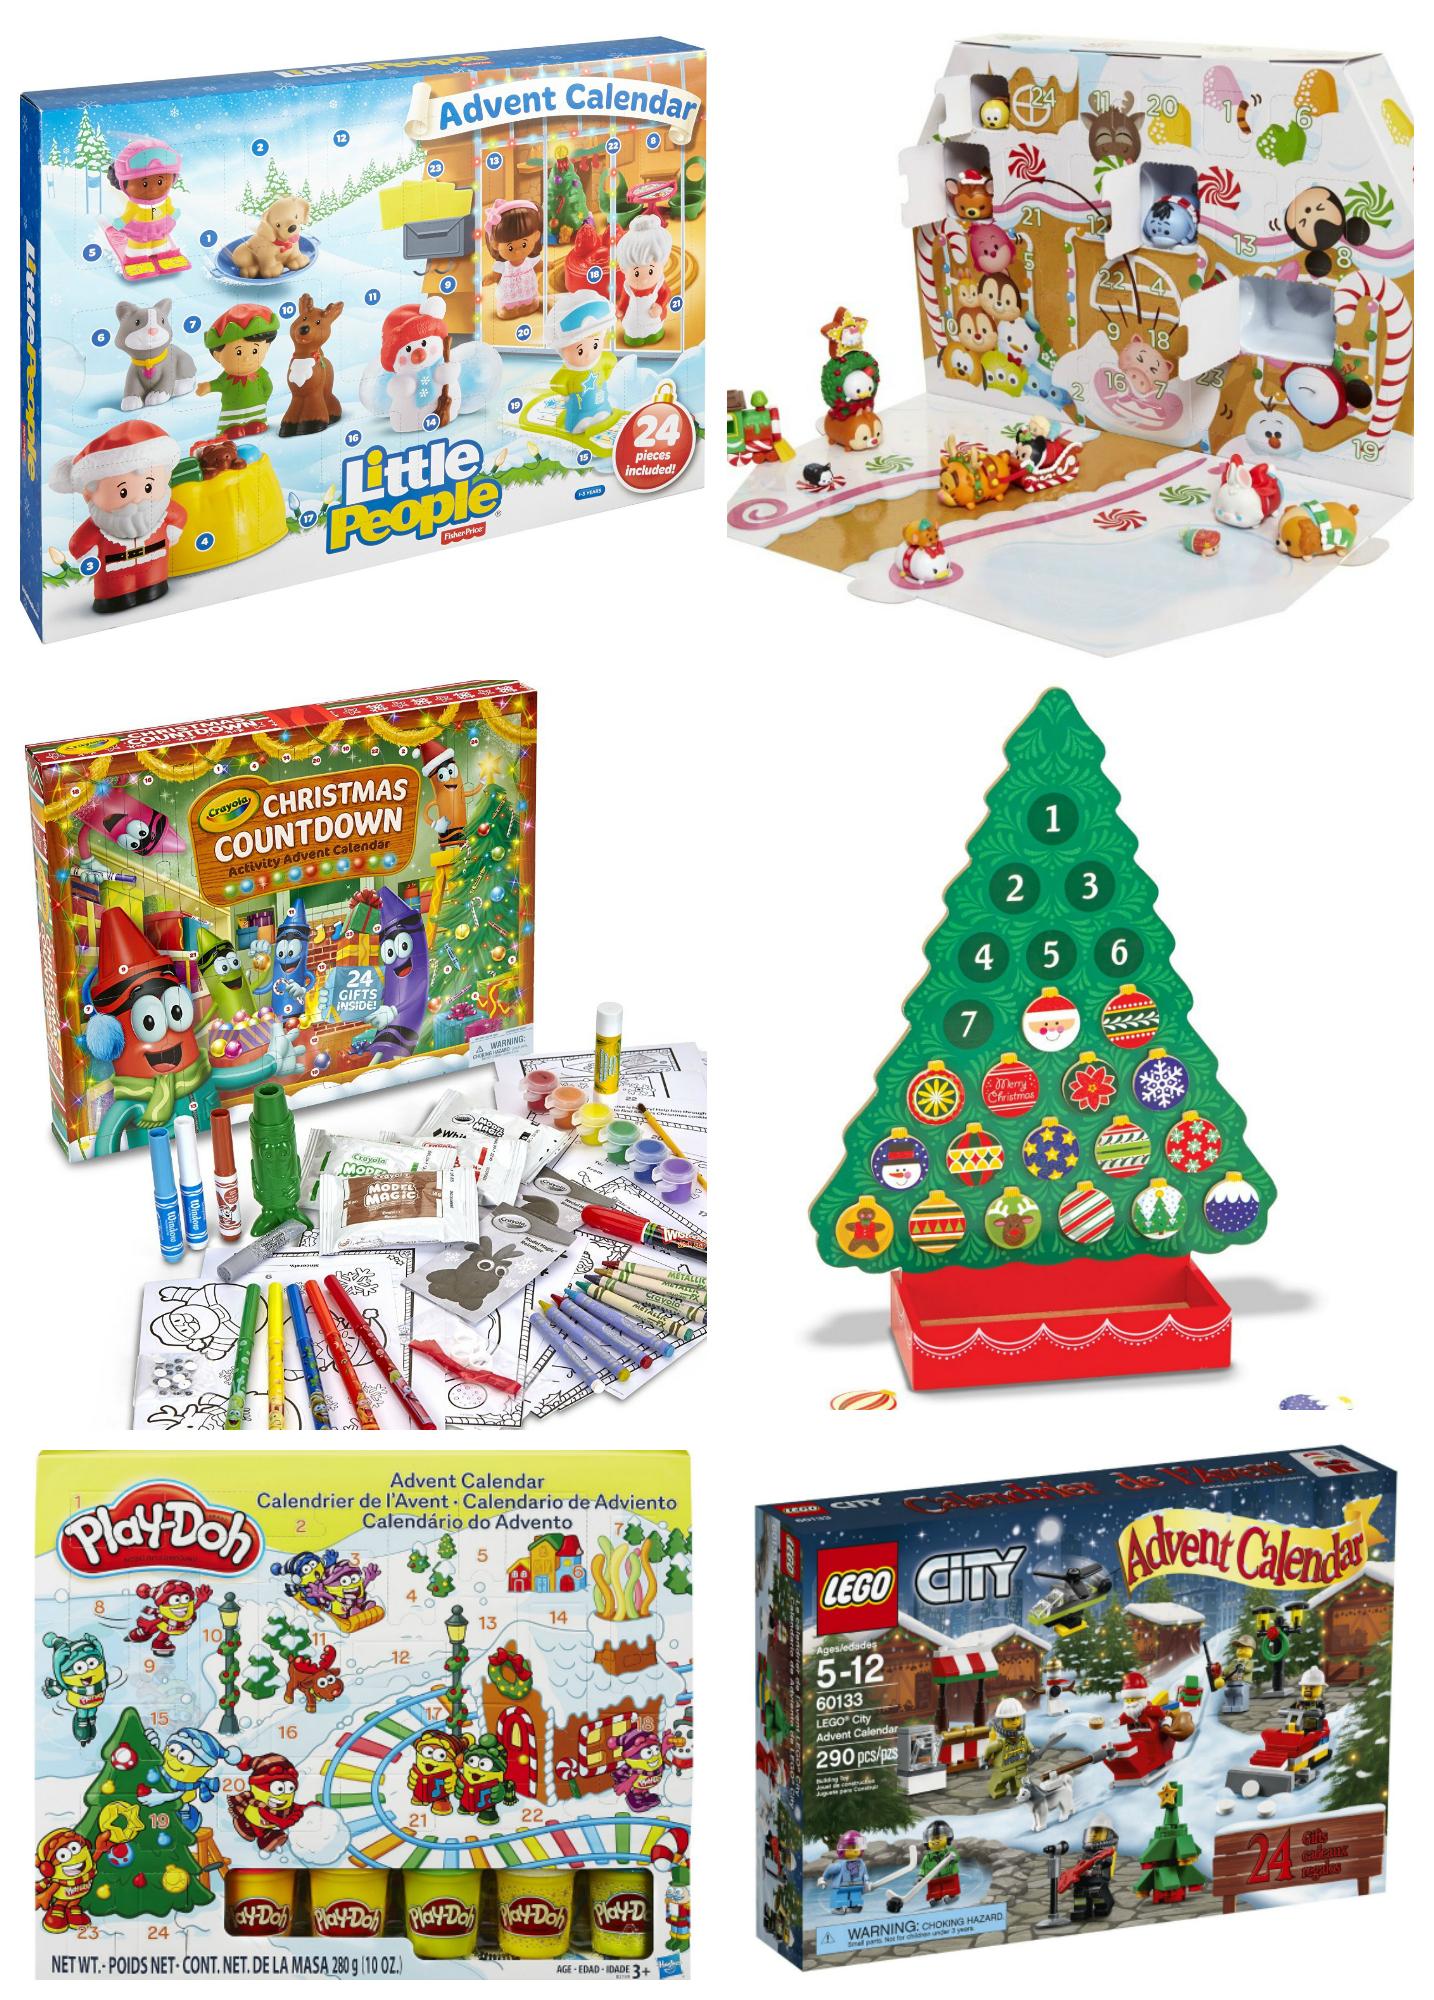 Adorable Christmas Countdowns | Christmas Advents